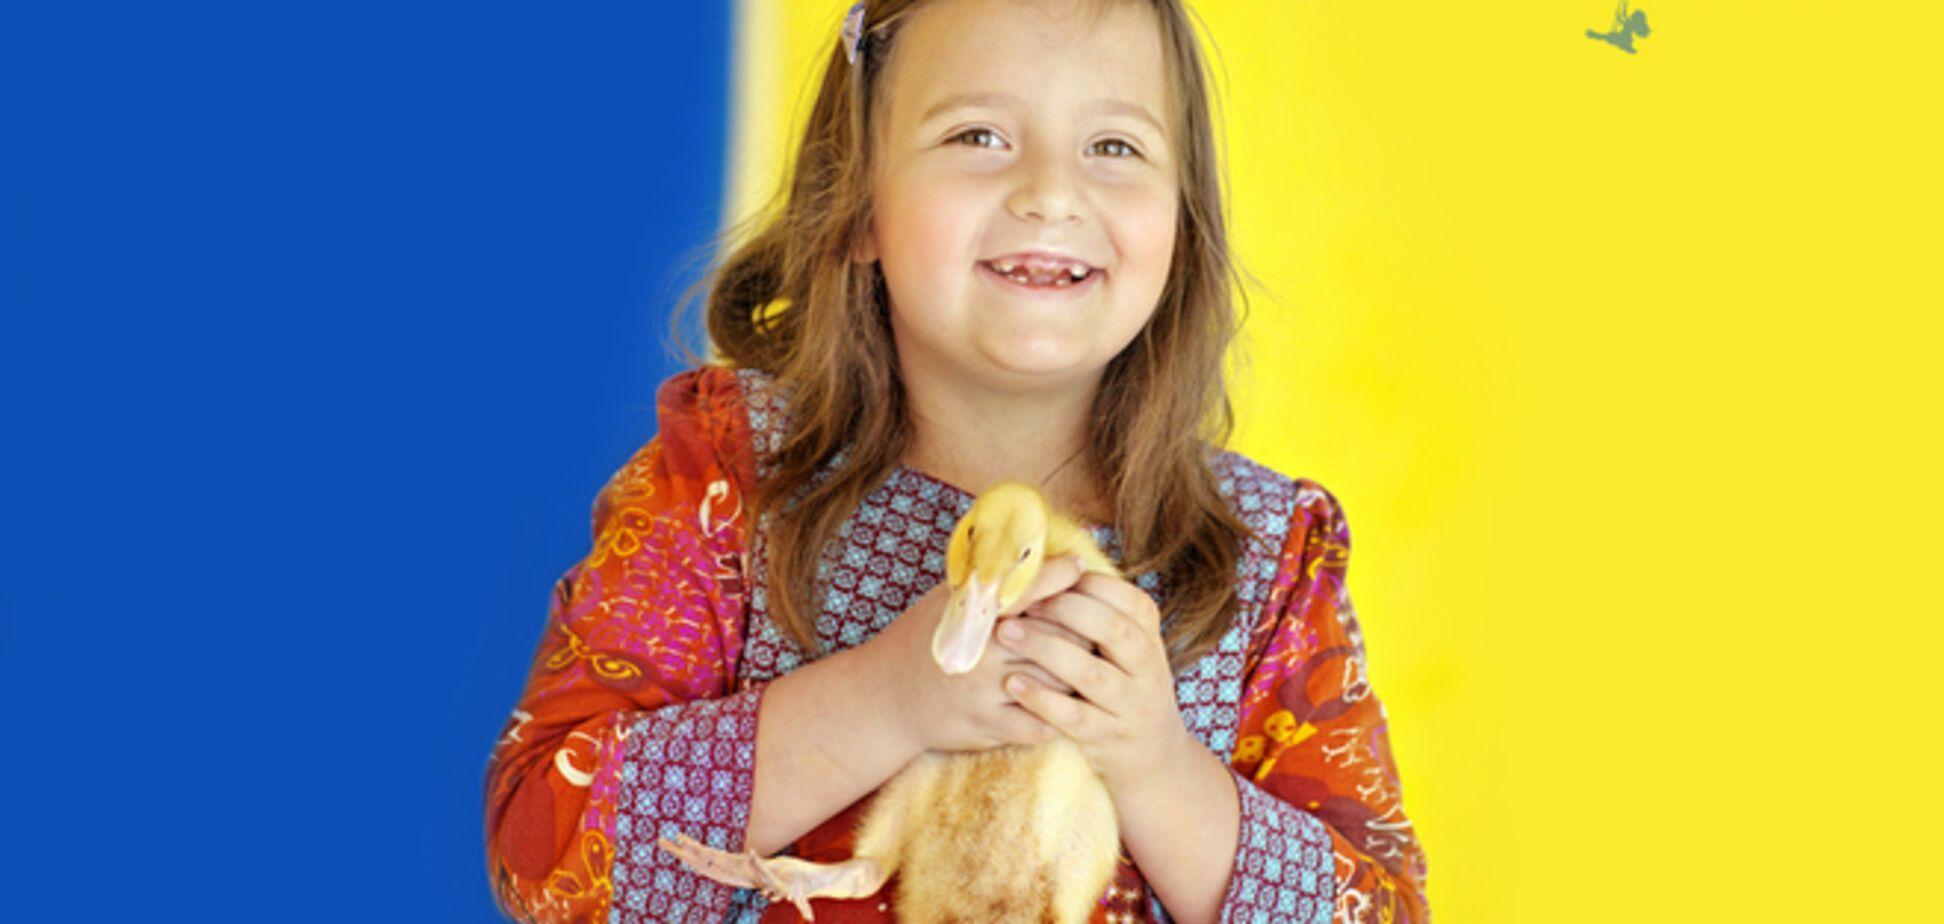 Мир малышей с аутизмом. История вторая: маленький 'чертенок' Настя